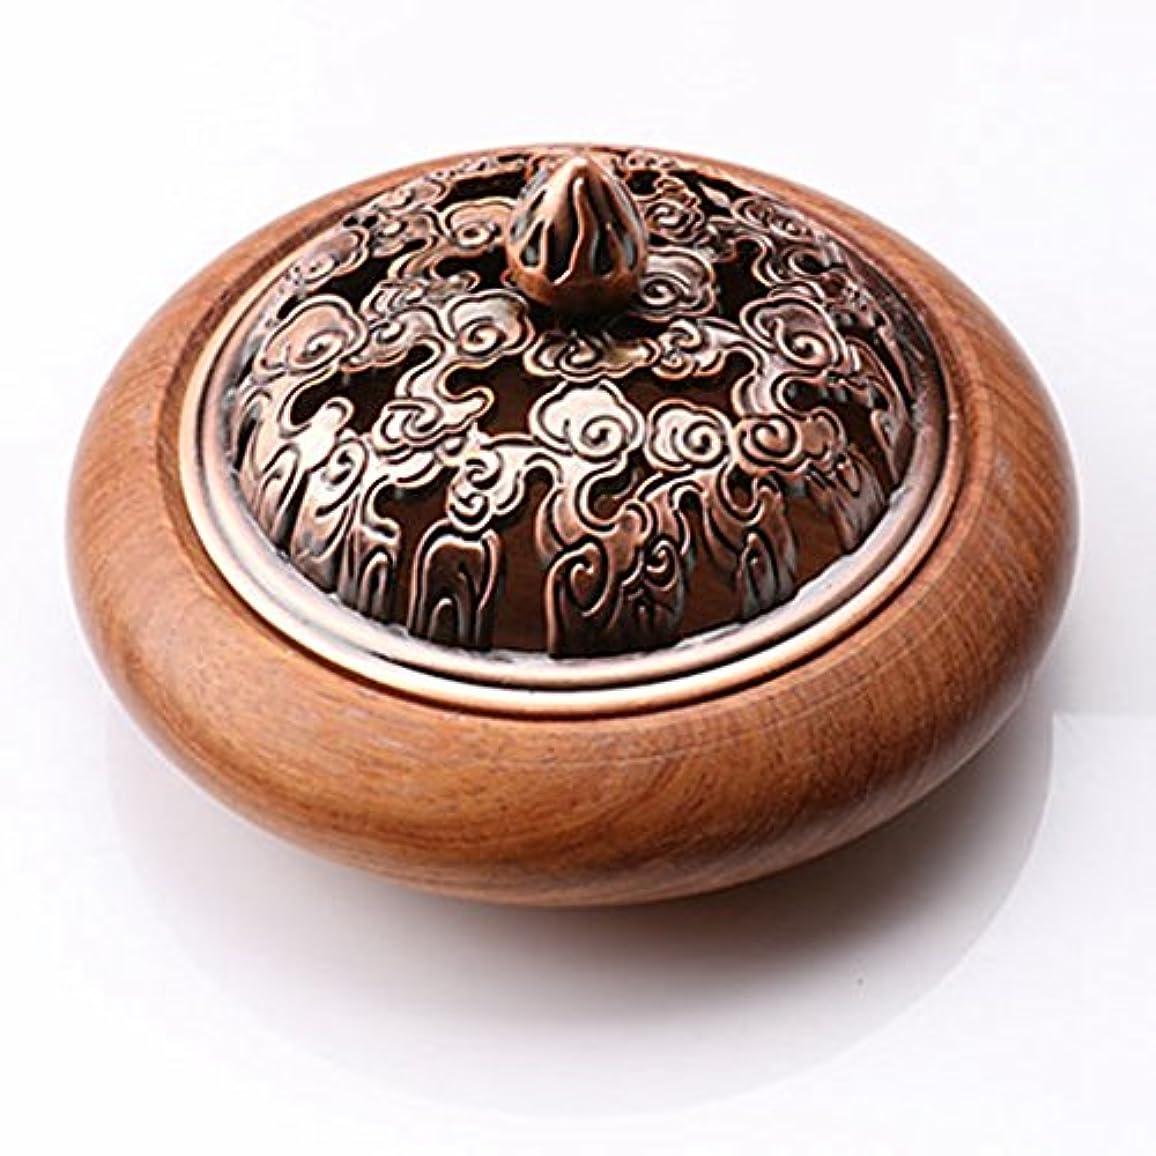 ぬれたシチリア絶えず(ラシューバー) Lasuiveur 香炉 香立て 渦巻き線香 線香立て お香立て 木製